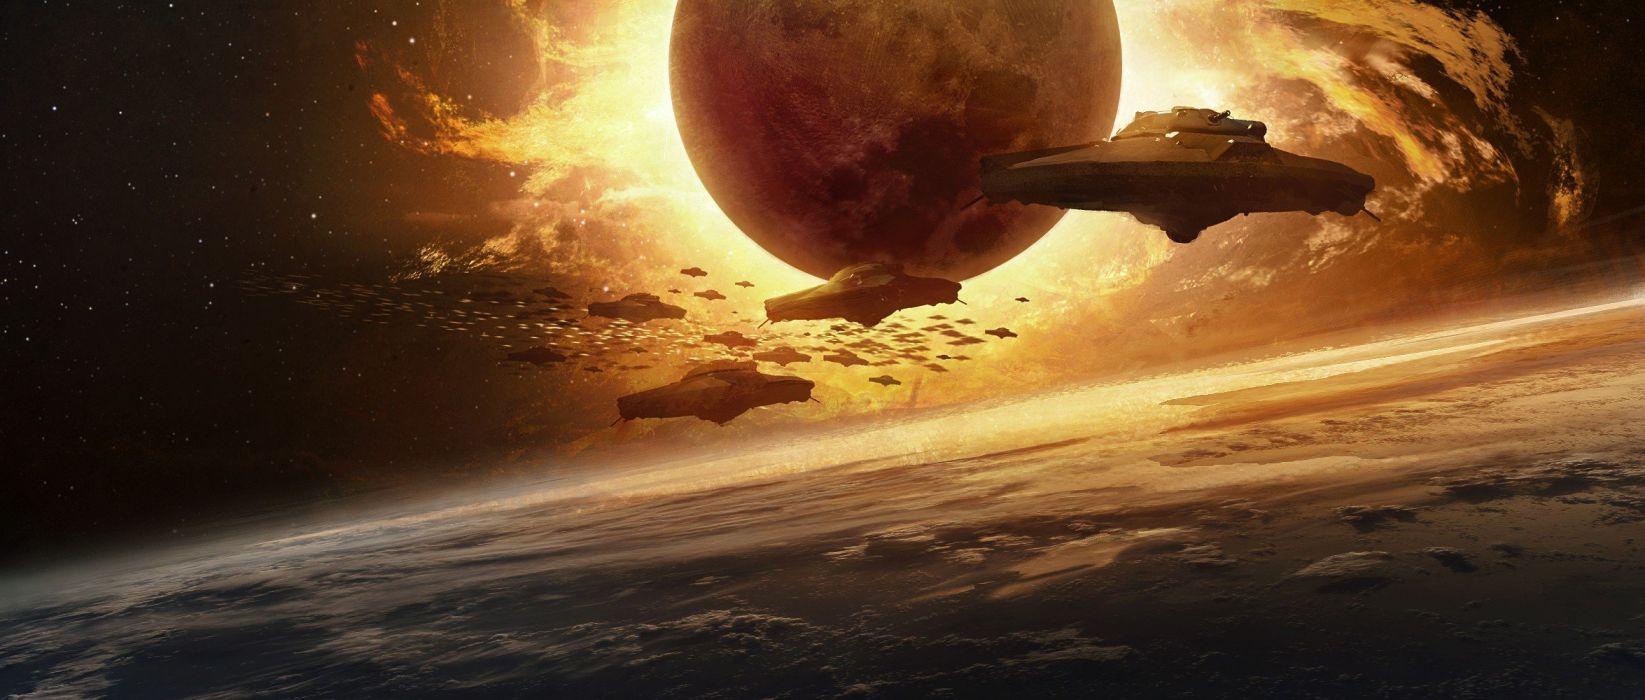 abstracto sci-fi nave planeta wallpaper